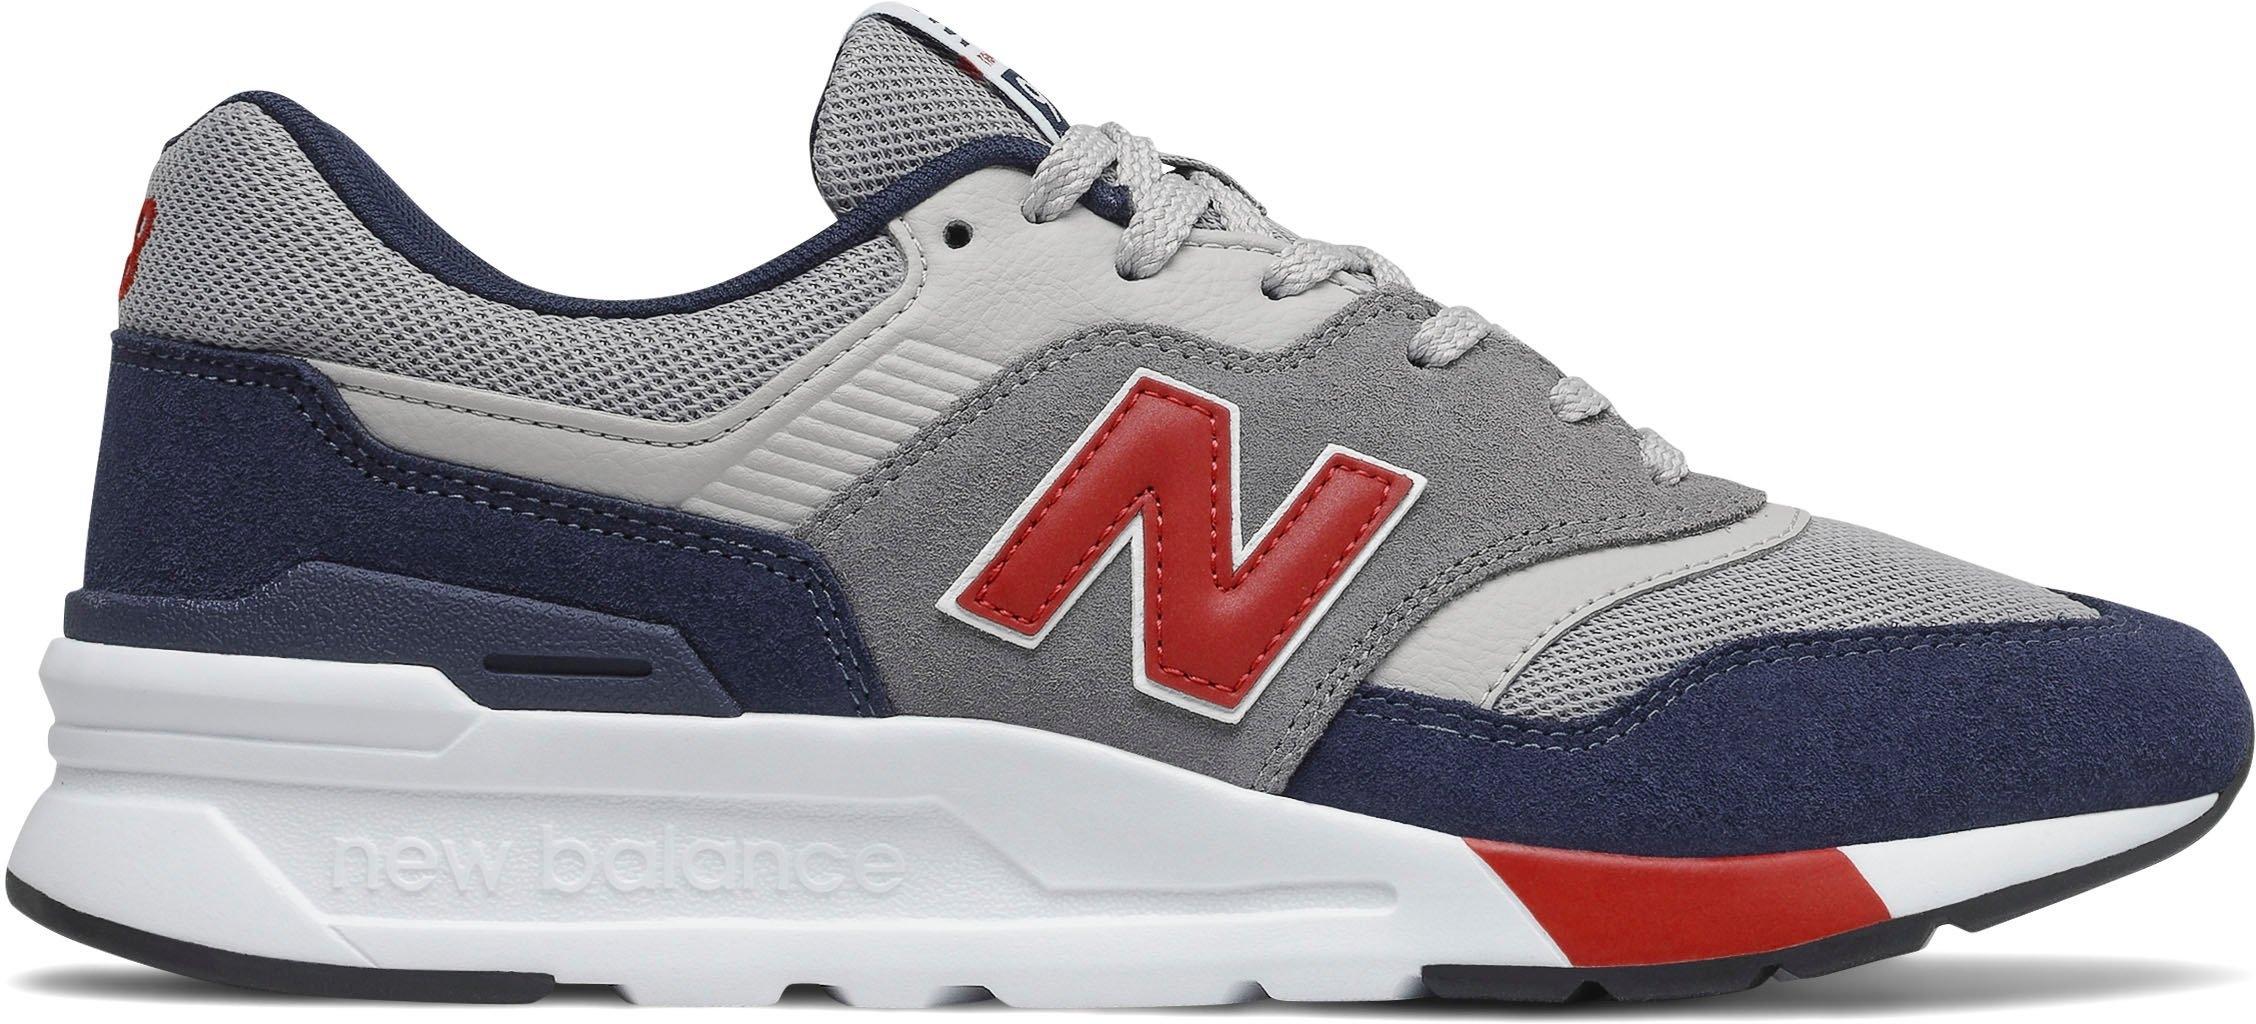 New Balance sneakers CM997 bestellen: 30 dagen bedenktijd